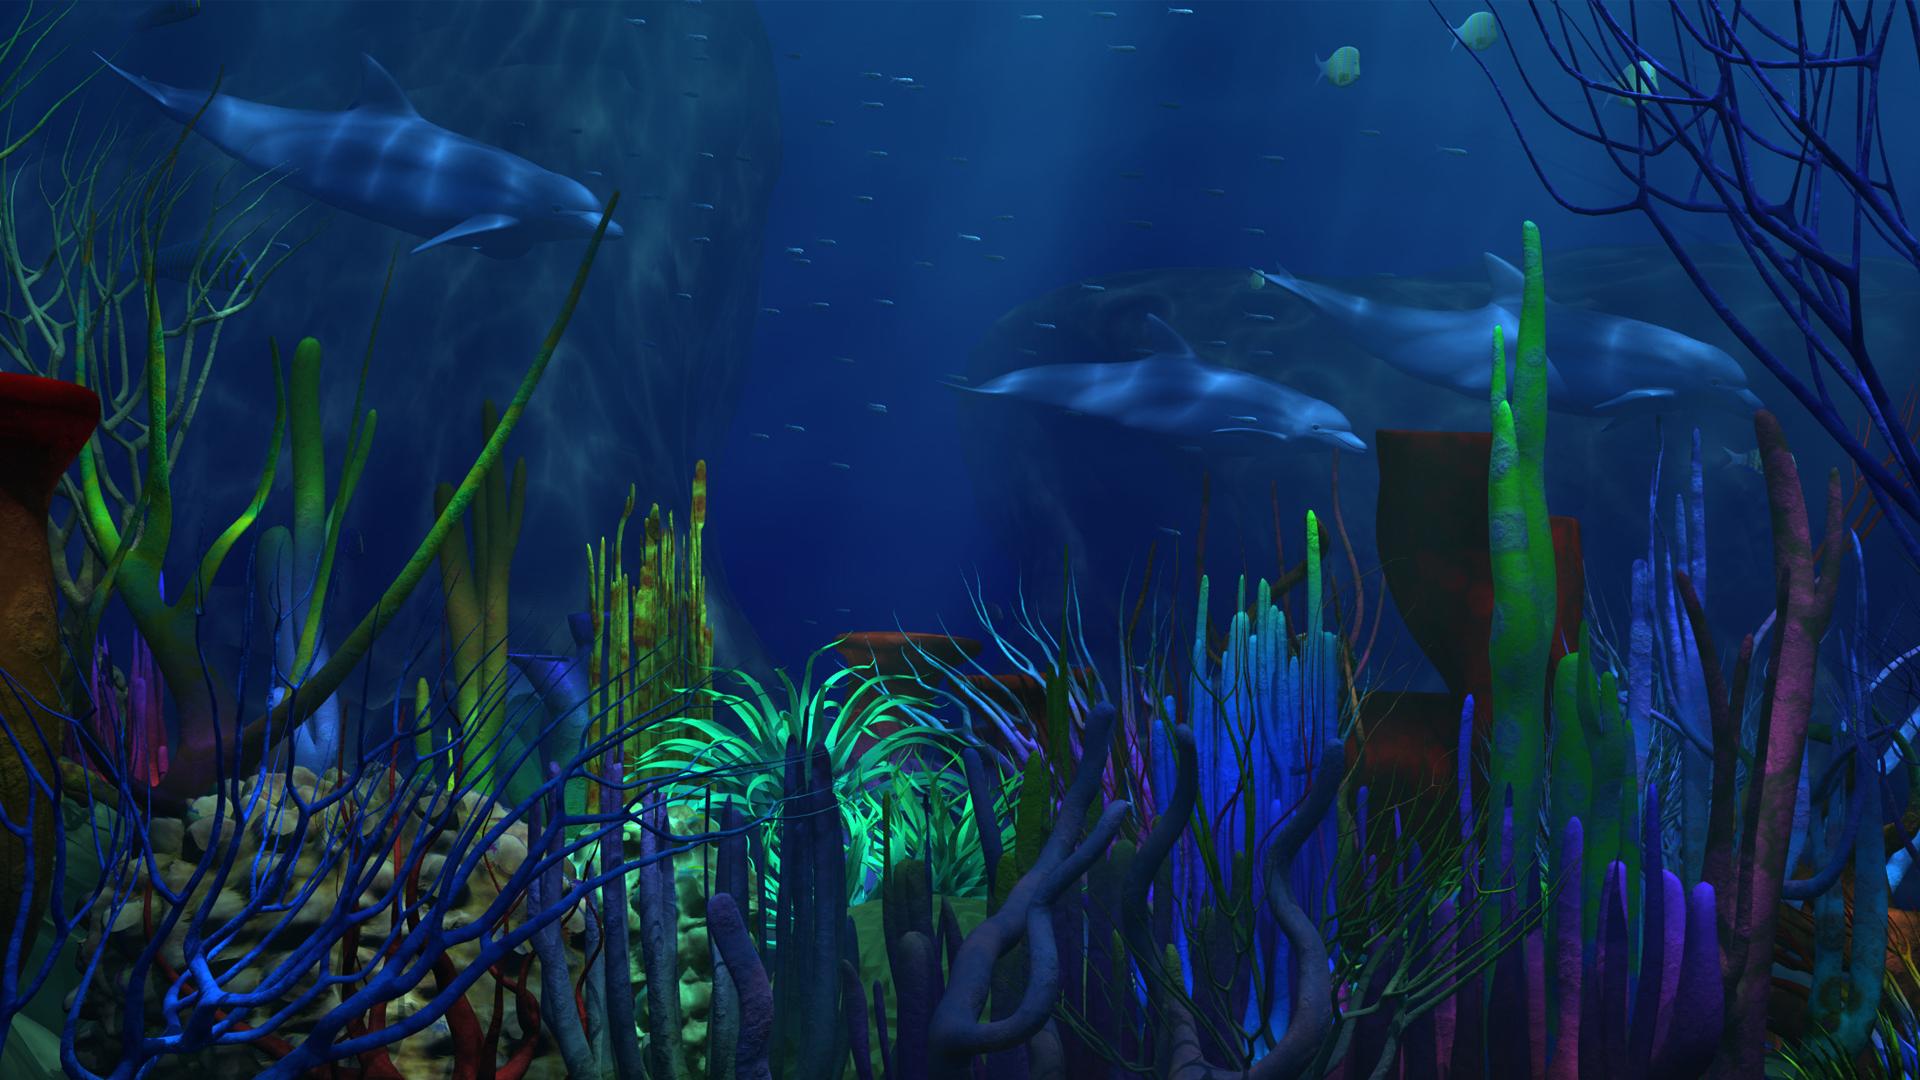 Underwater HD Wallpaper 1920x1080 1 Hebusorg High Definition